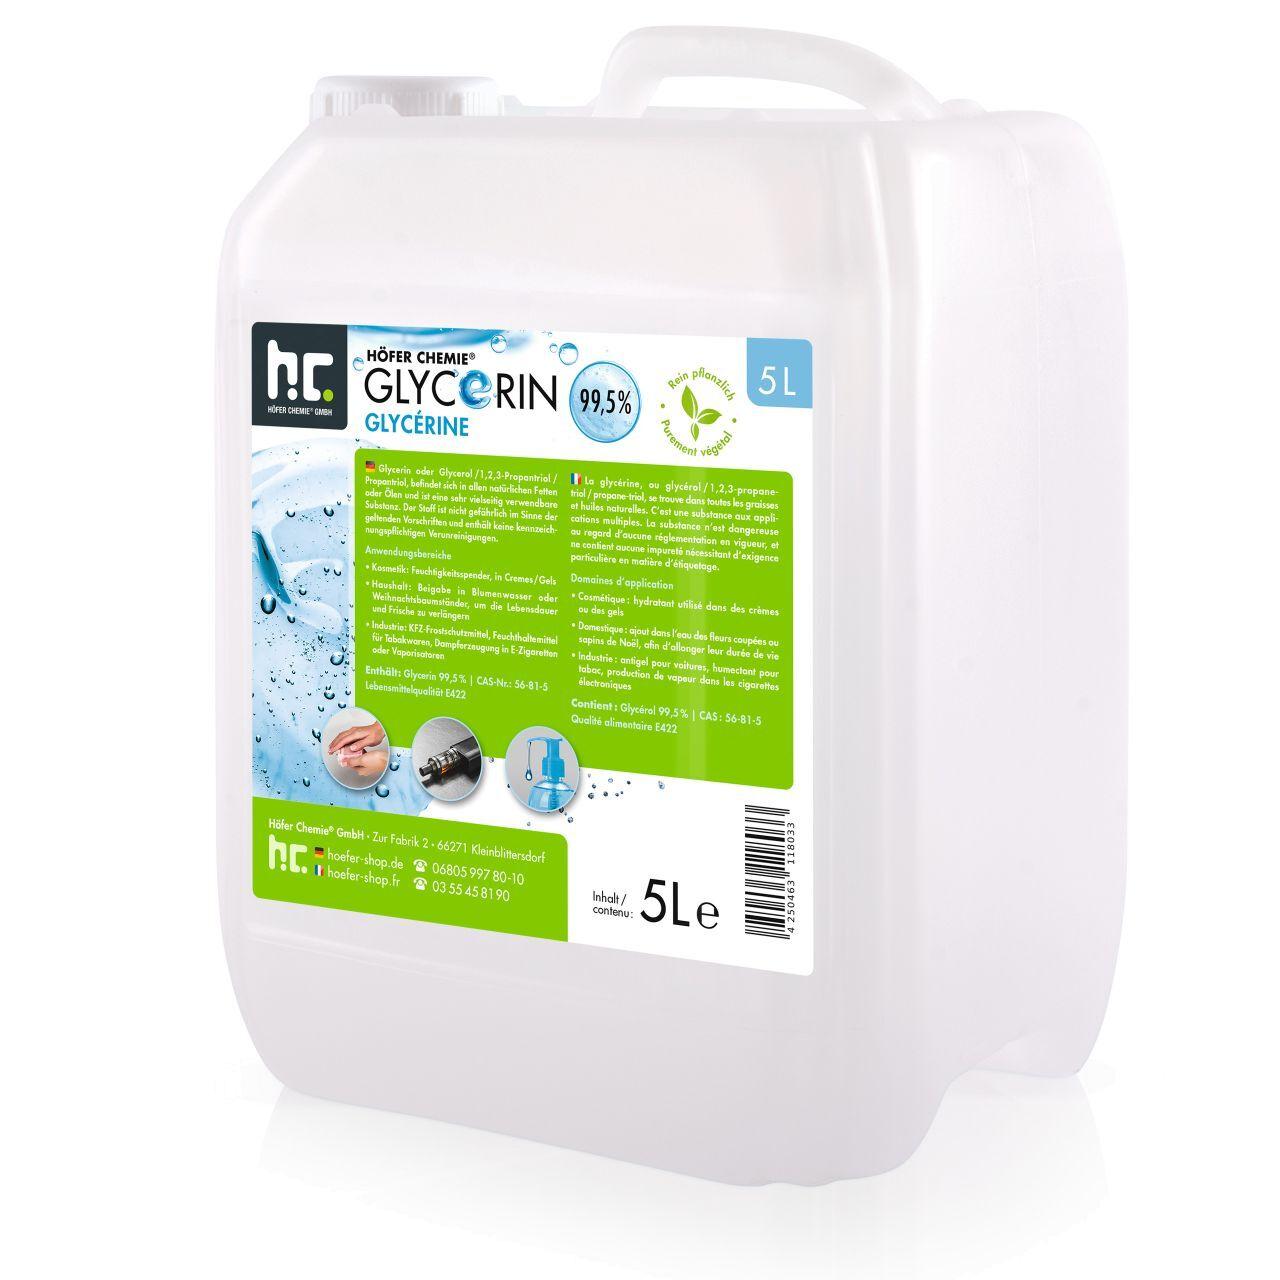 Höfer Chemie 10 l Glycérine végétale pure - qualité alimentaire (2 x 5 l)